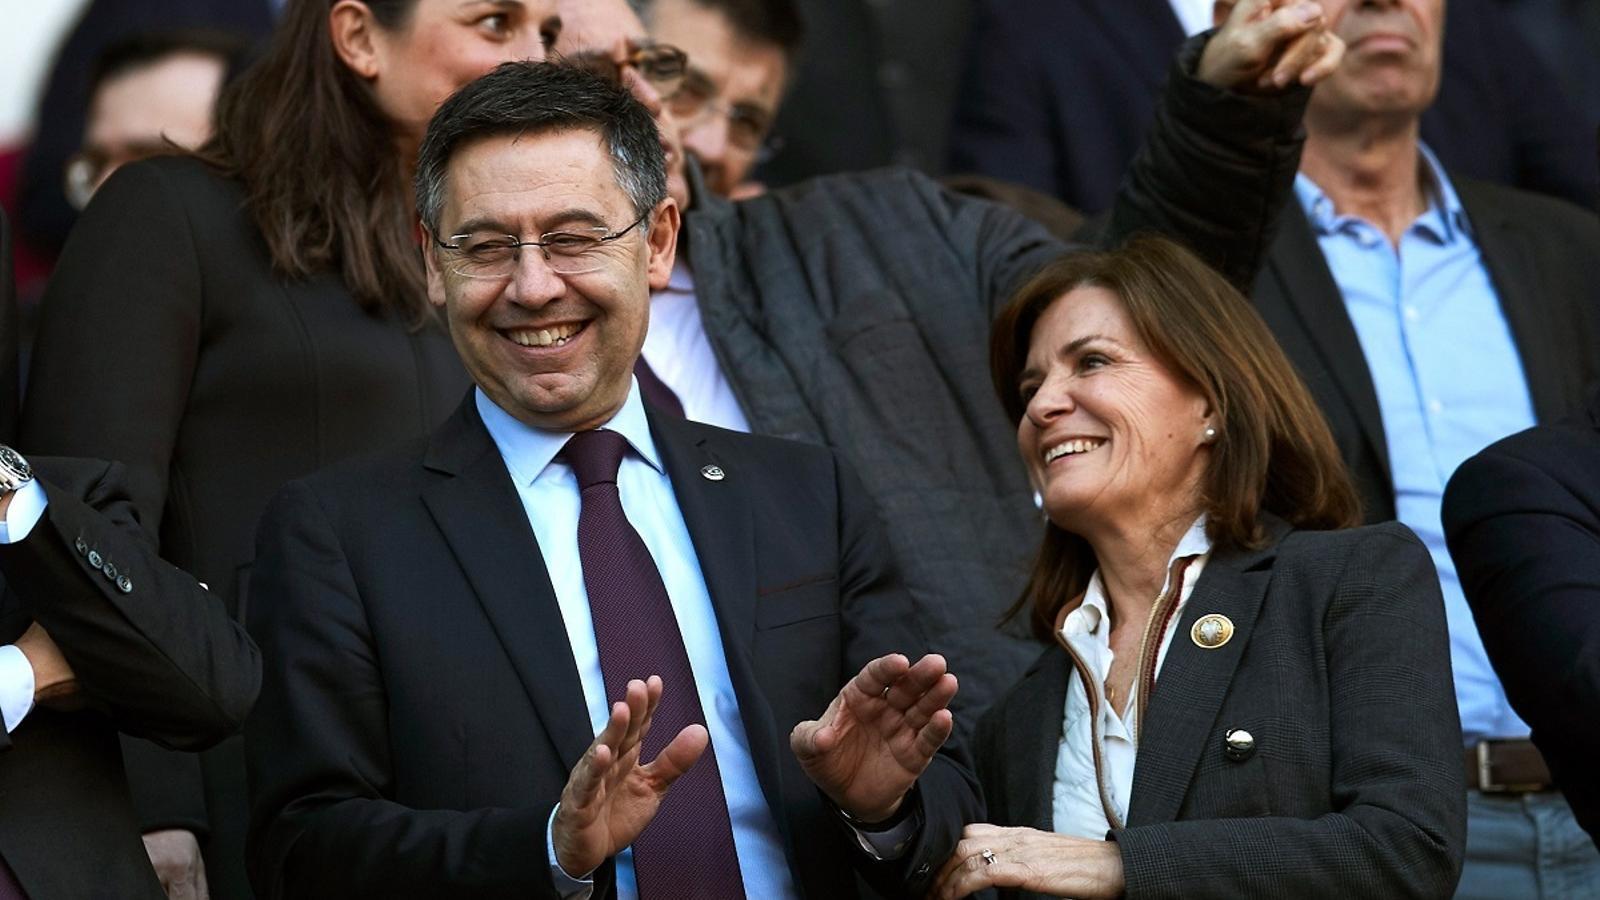 El president del Barça, Josep Maria Bartomeu, amb la presidenta de l'Eibar, Amaia Gorostiza